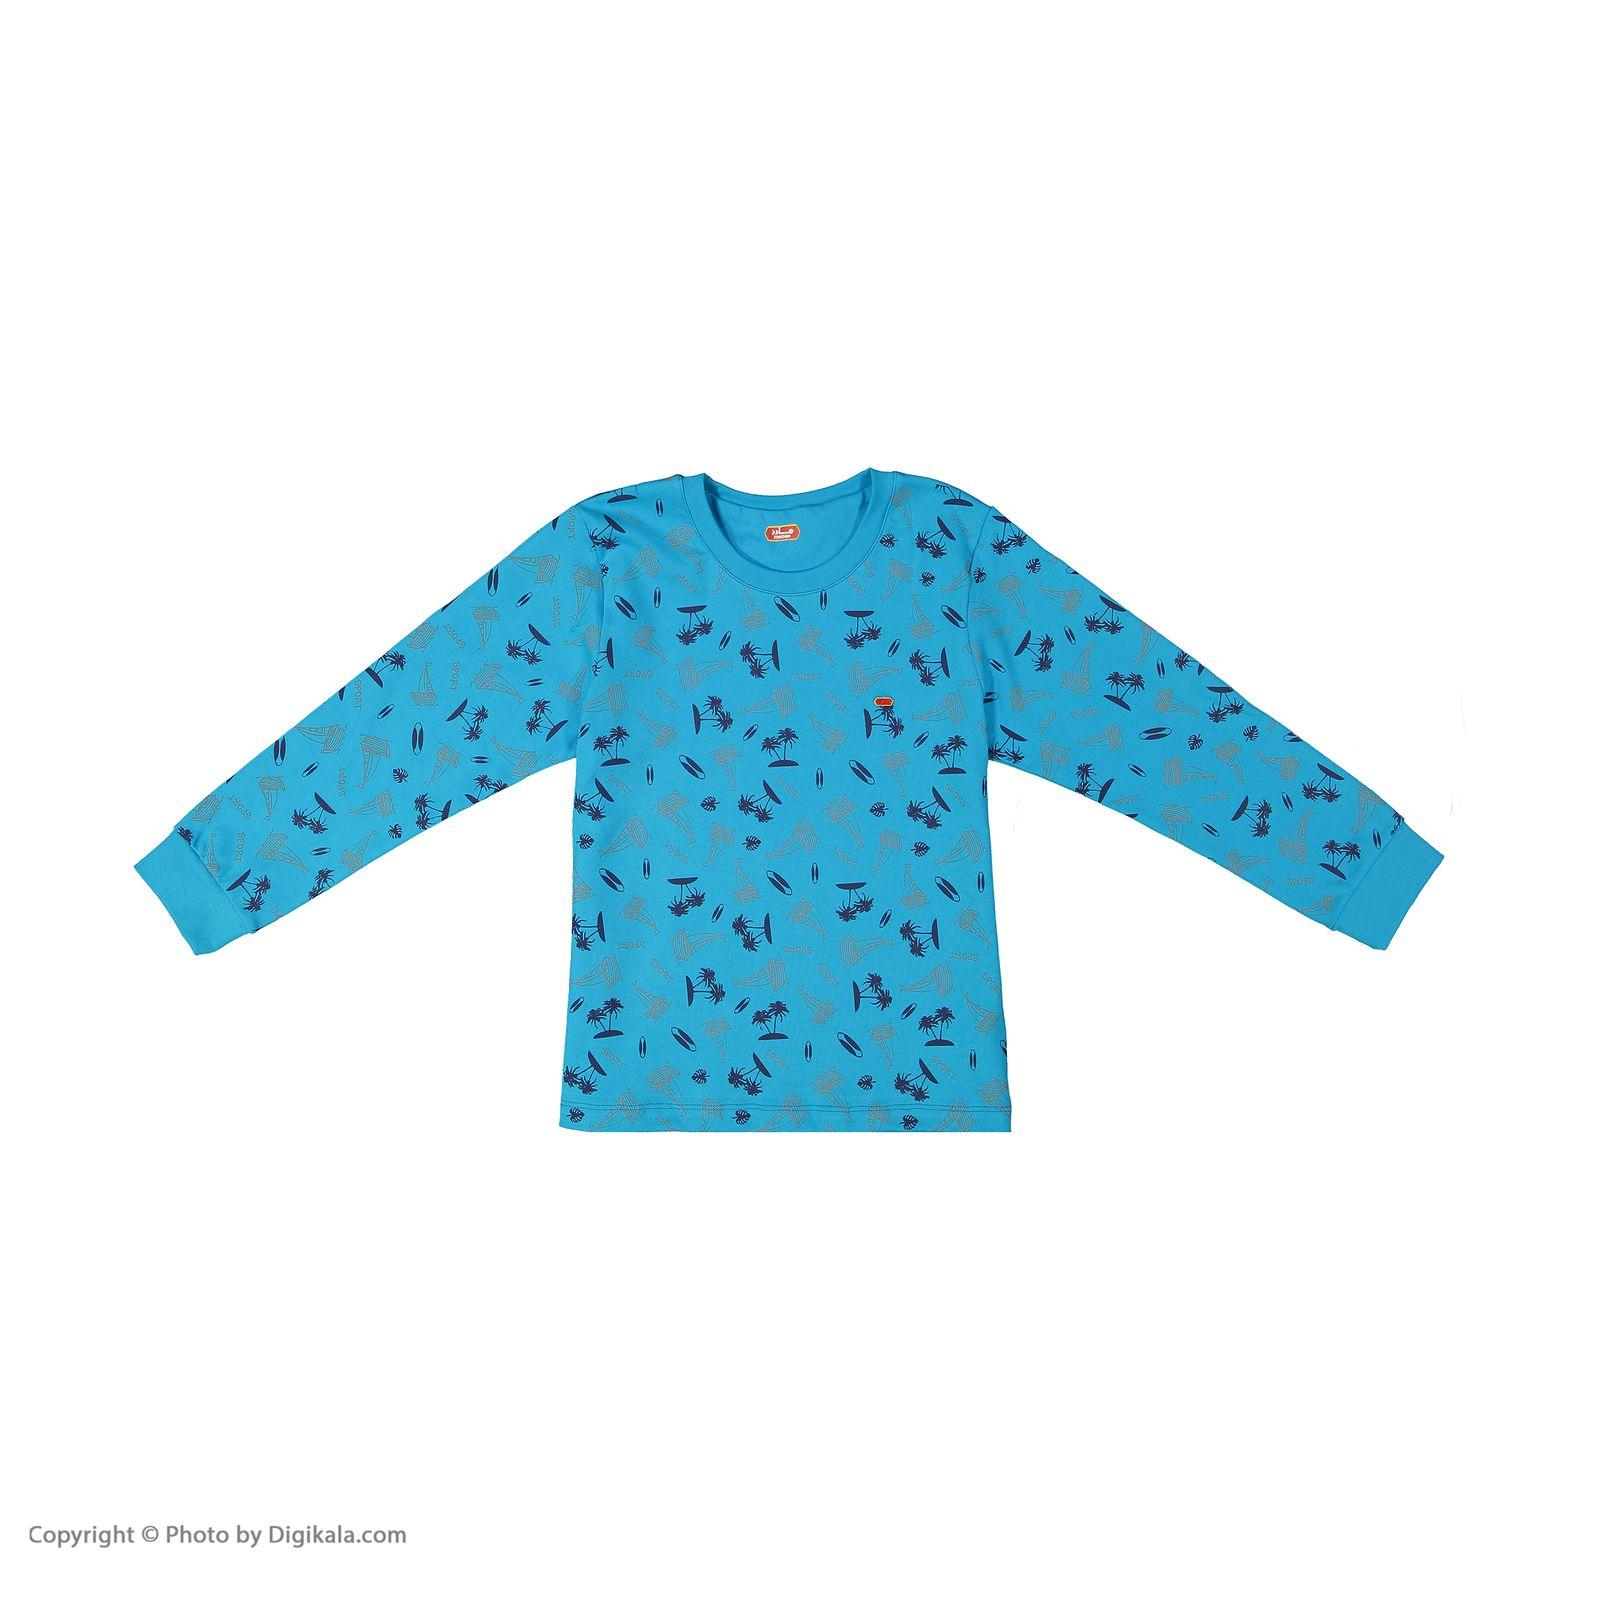 ست تی شرت و شلوار پسرانه مادر مدل 306-53 main 1 4